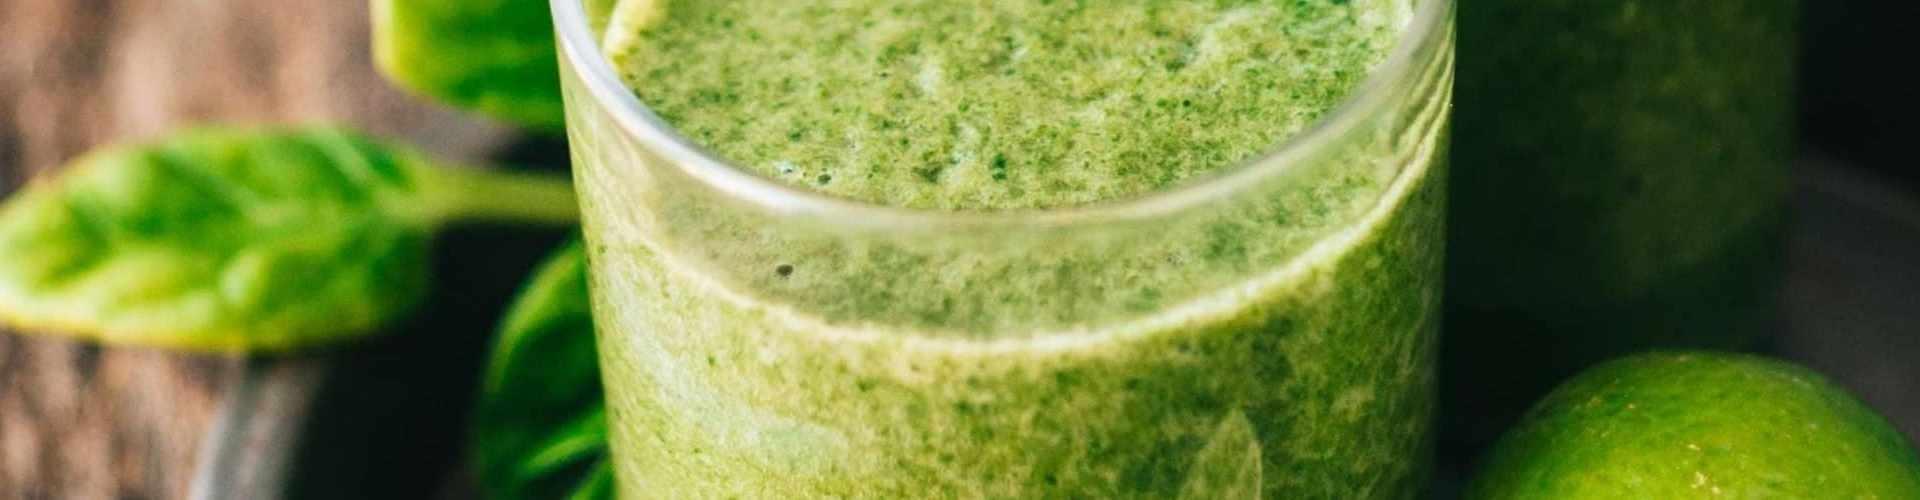 7 recetas de zumos detox fáciles de preparar - Glovo